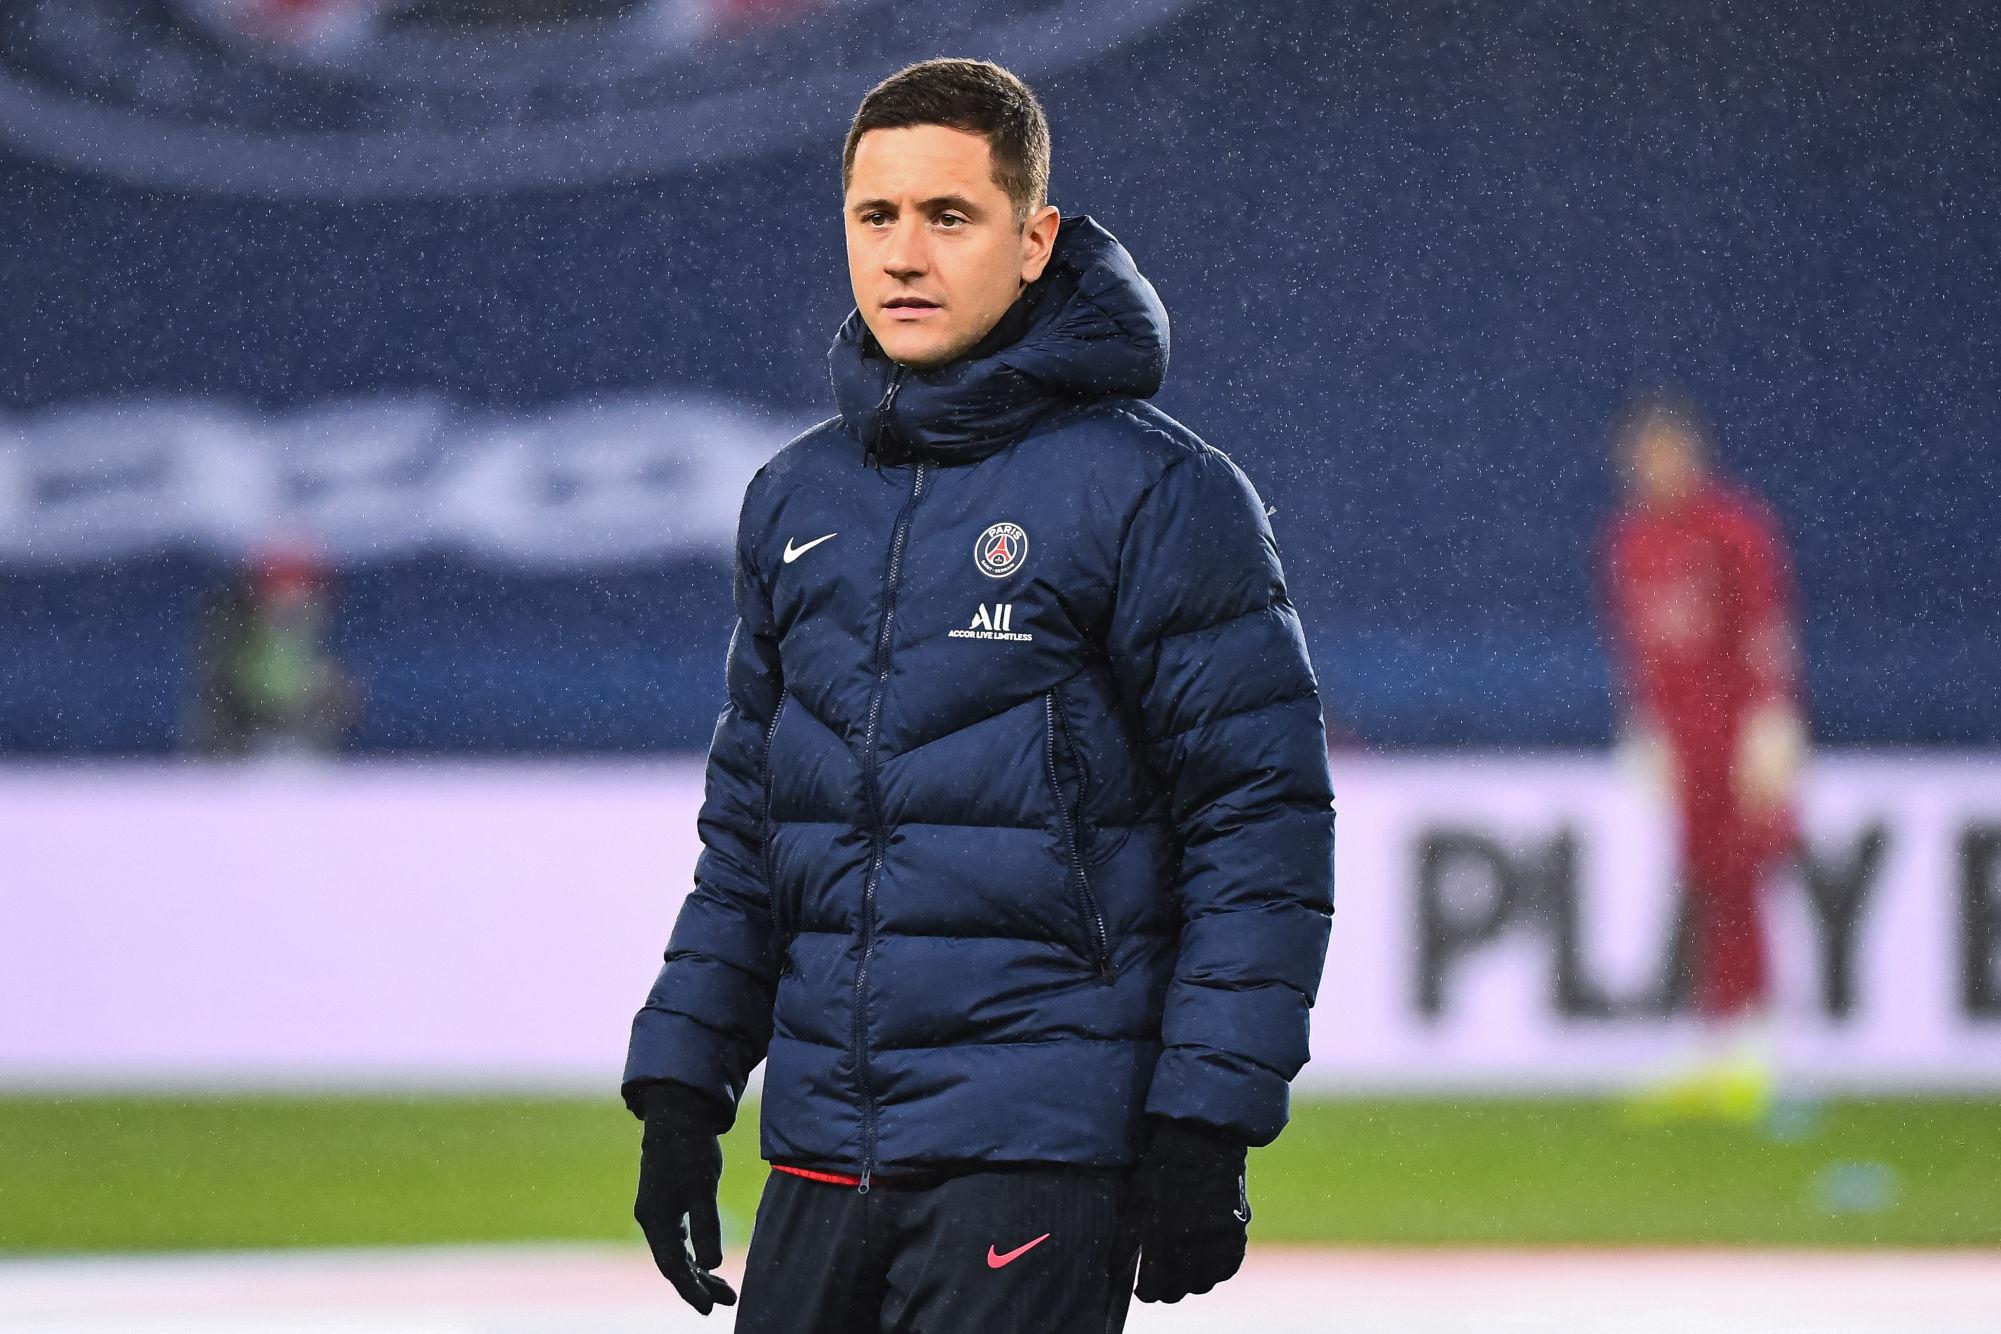 """PSG/Reims - Herrera croit au titre """"On doit être concentré sur nous"""""""